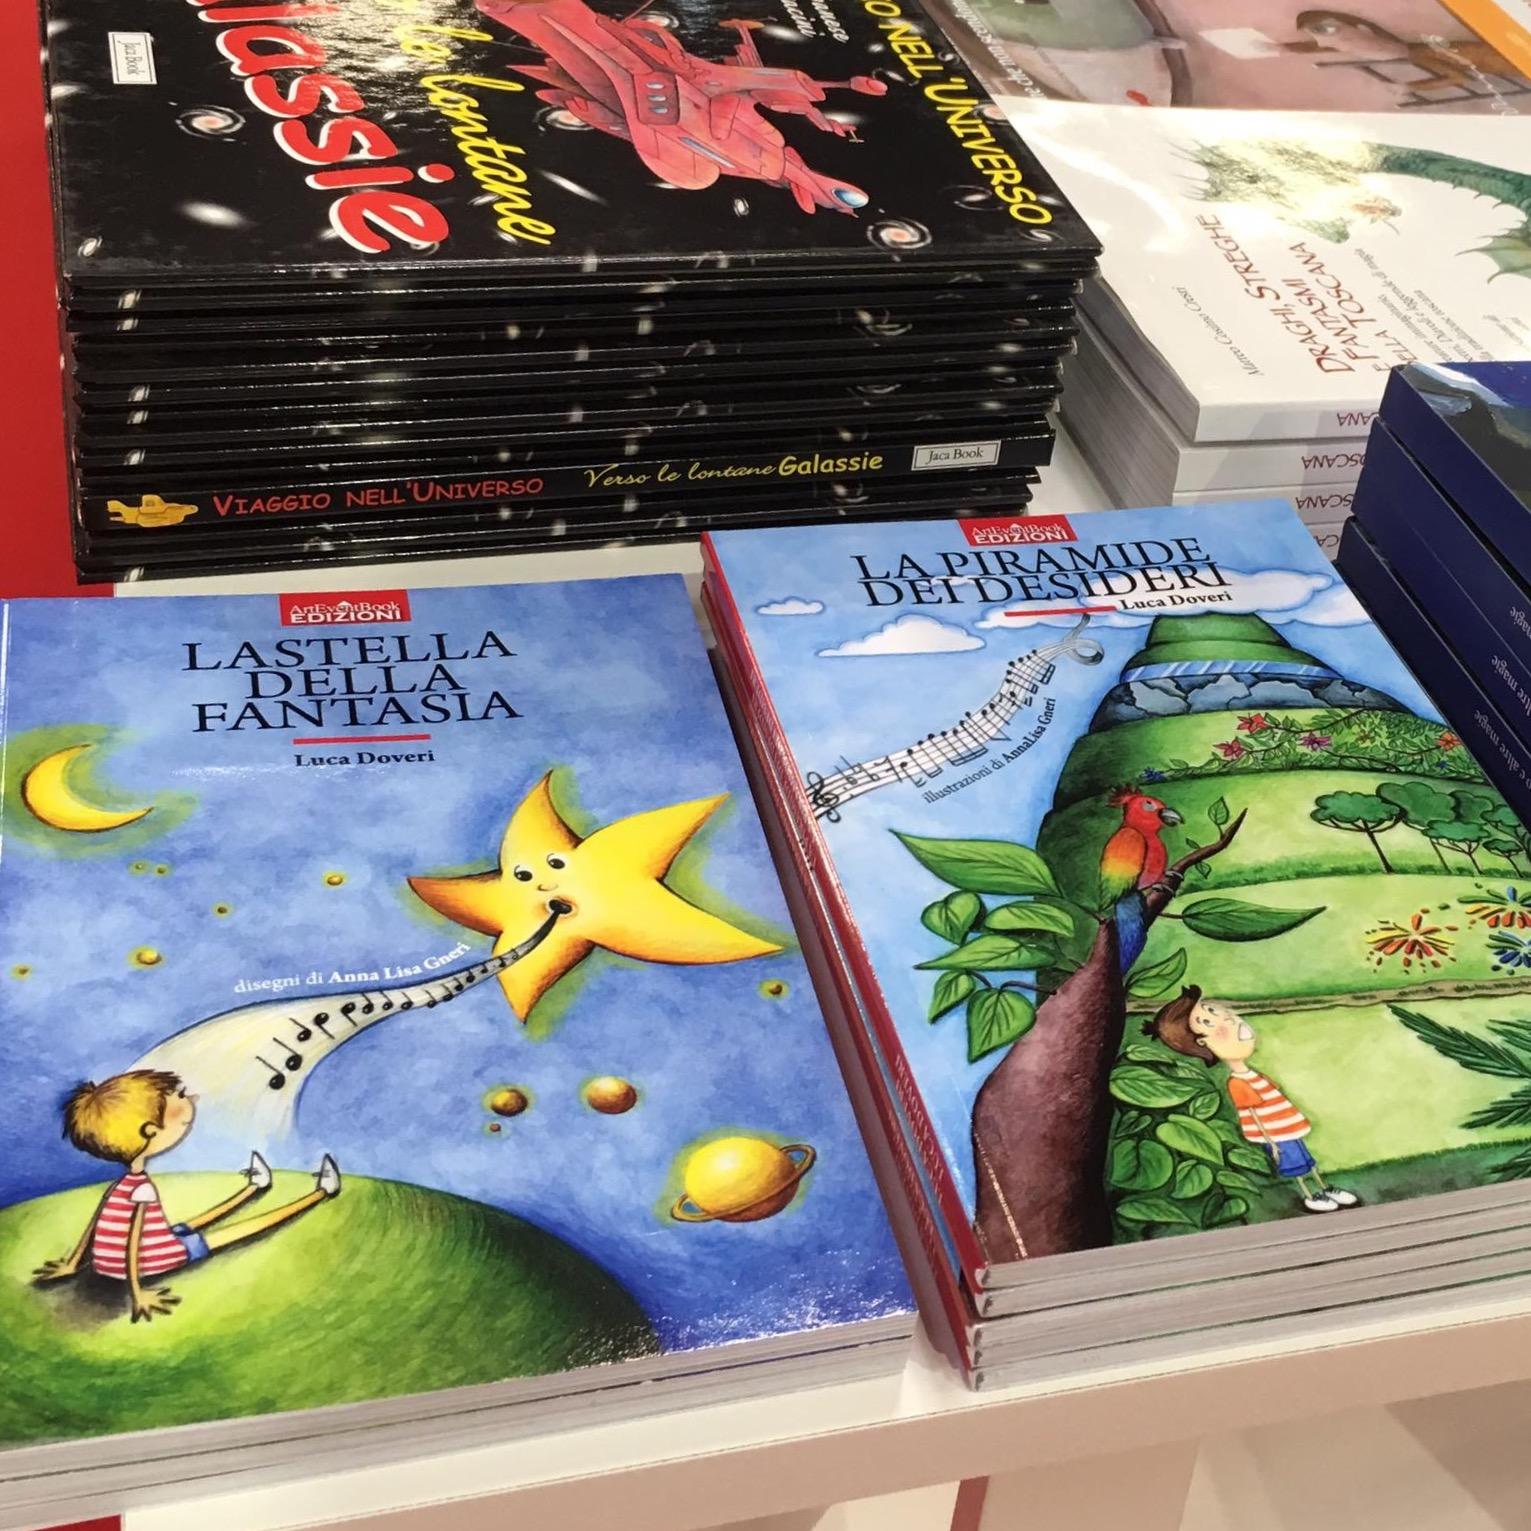 """""""La stella della fantasia"""" e """"La piramide dei desideri"""" al Salone internazionale del libro di Torino, 18 maggio 2017, illustrazioni di Anna Lisa Gneri"""